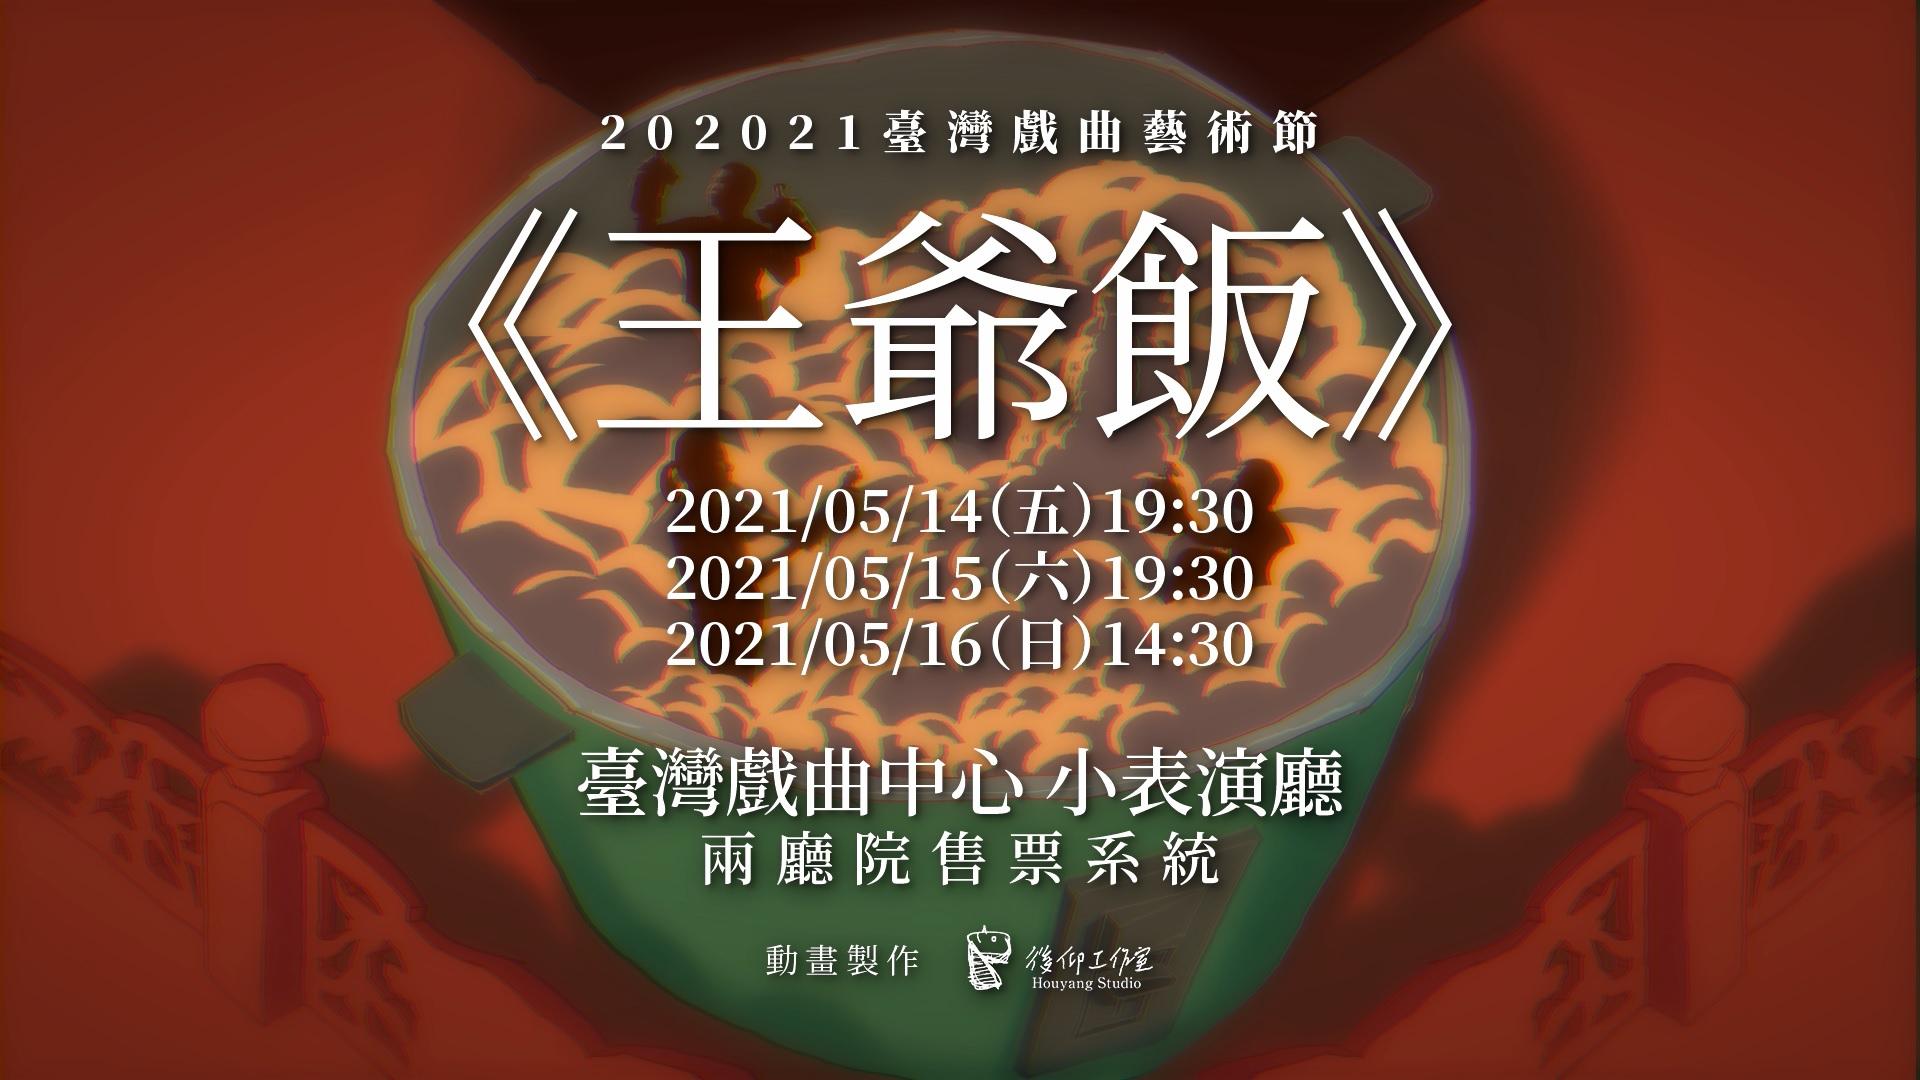 《王爺飯》真快樂掌中劇團|202021臺灣戲曲藝術節